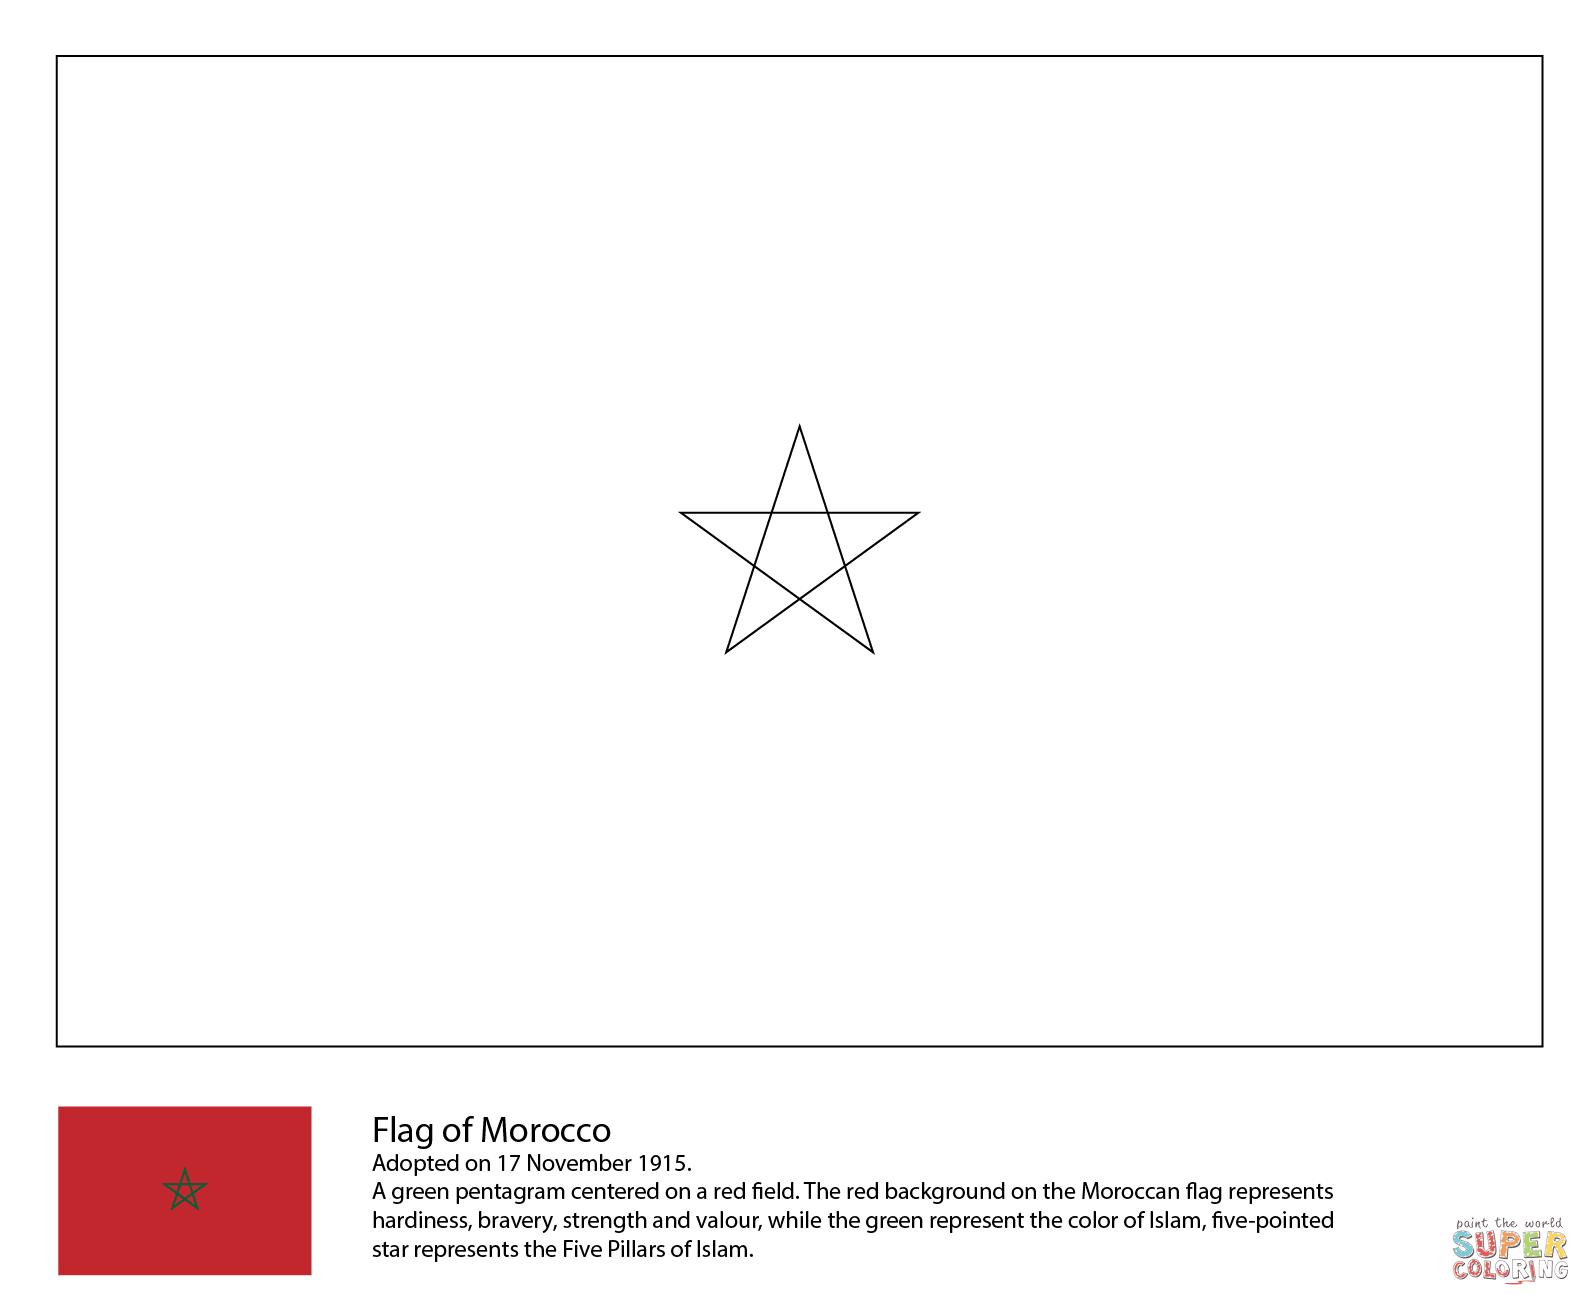 Ausmalbild: Flagge von Marokko | Ausmalbilder kostenlos ...